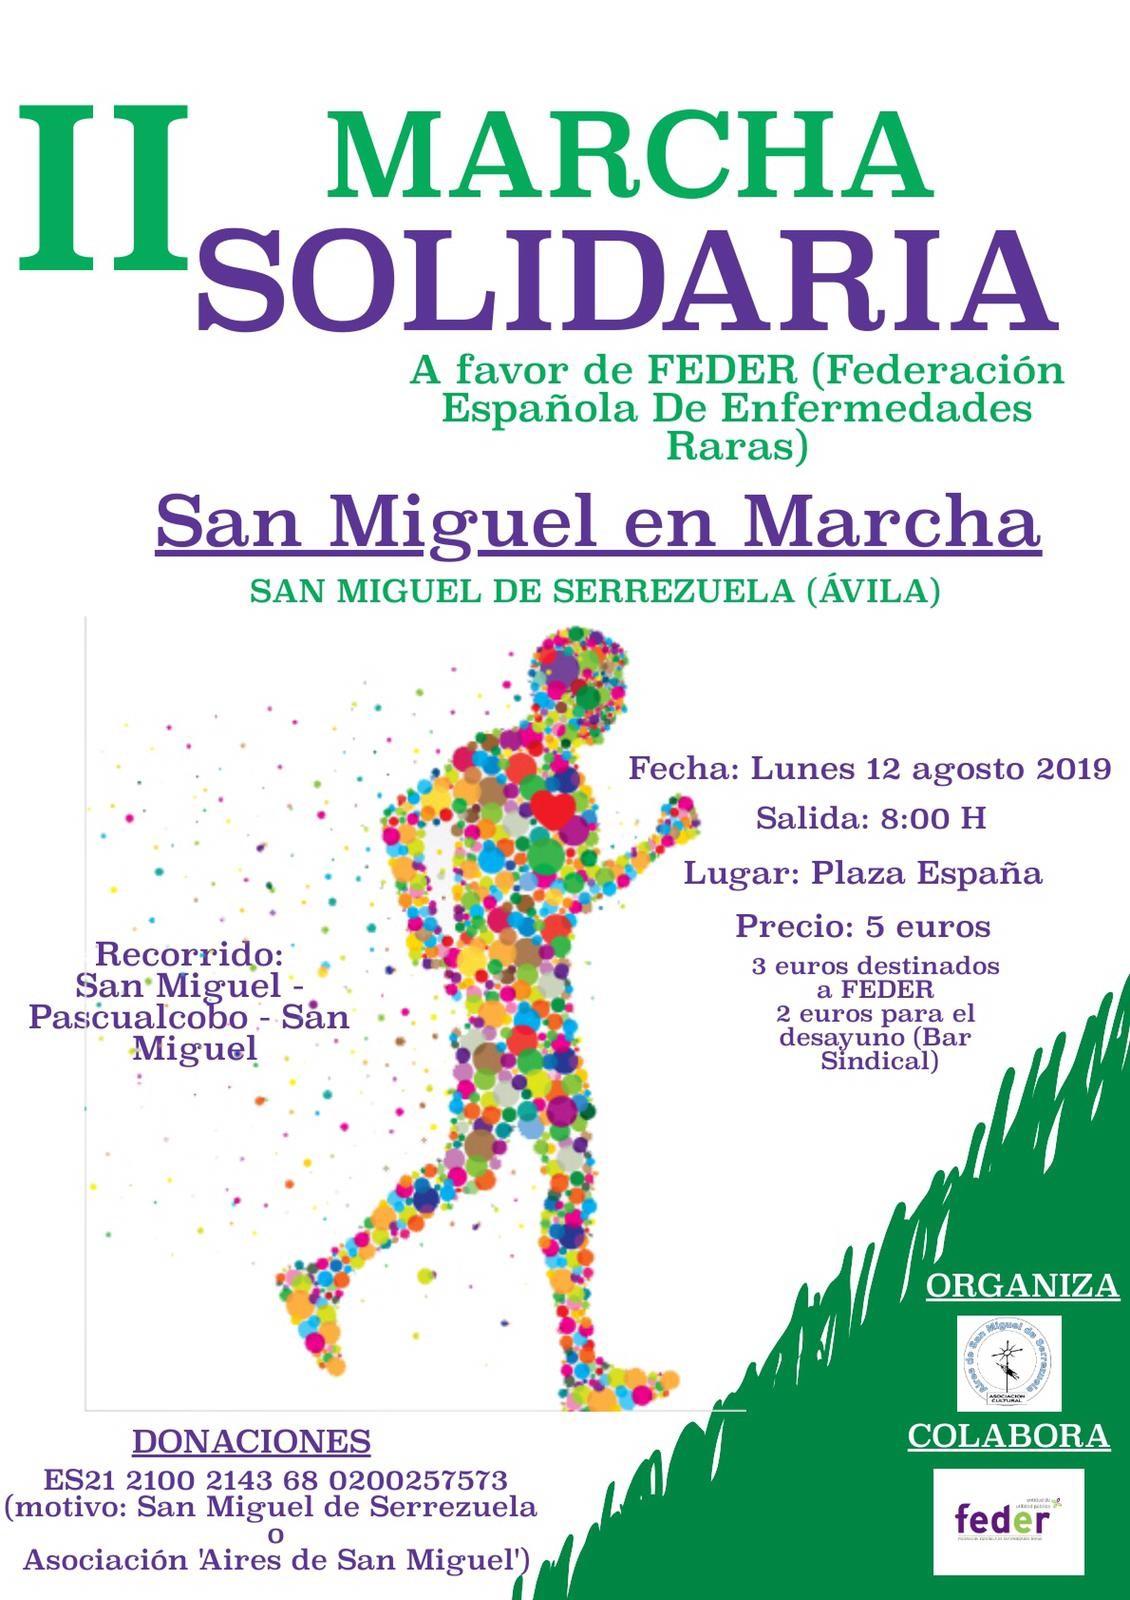 Ii Marcha Solidaria En San Miguel De Serrezuela Agenda De Eventos